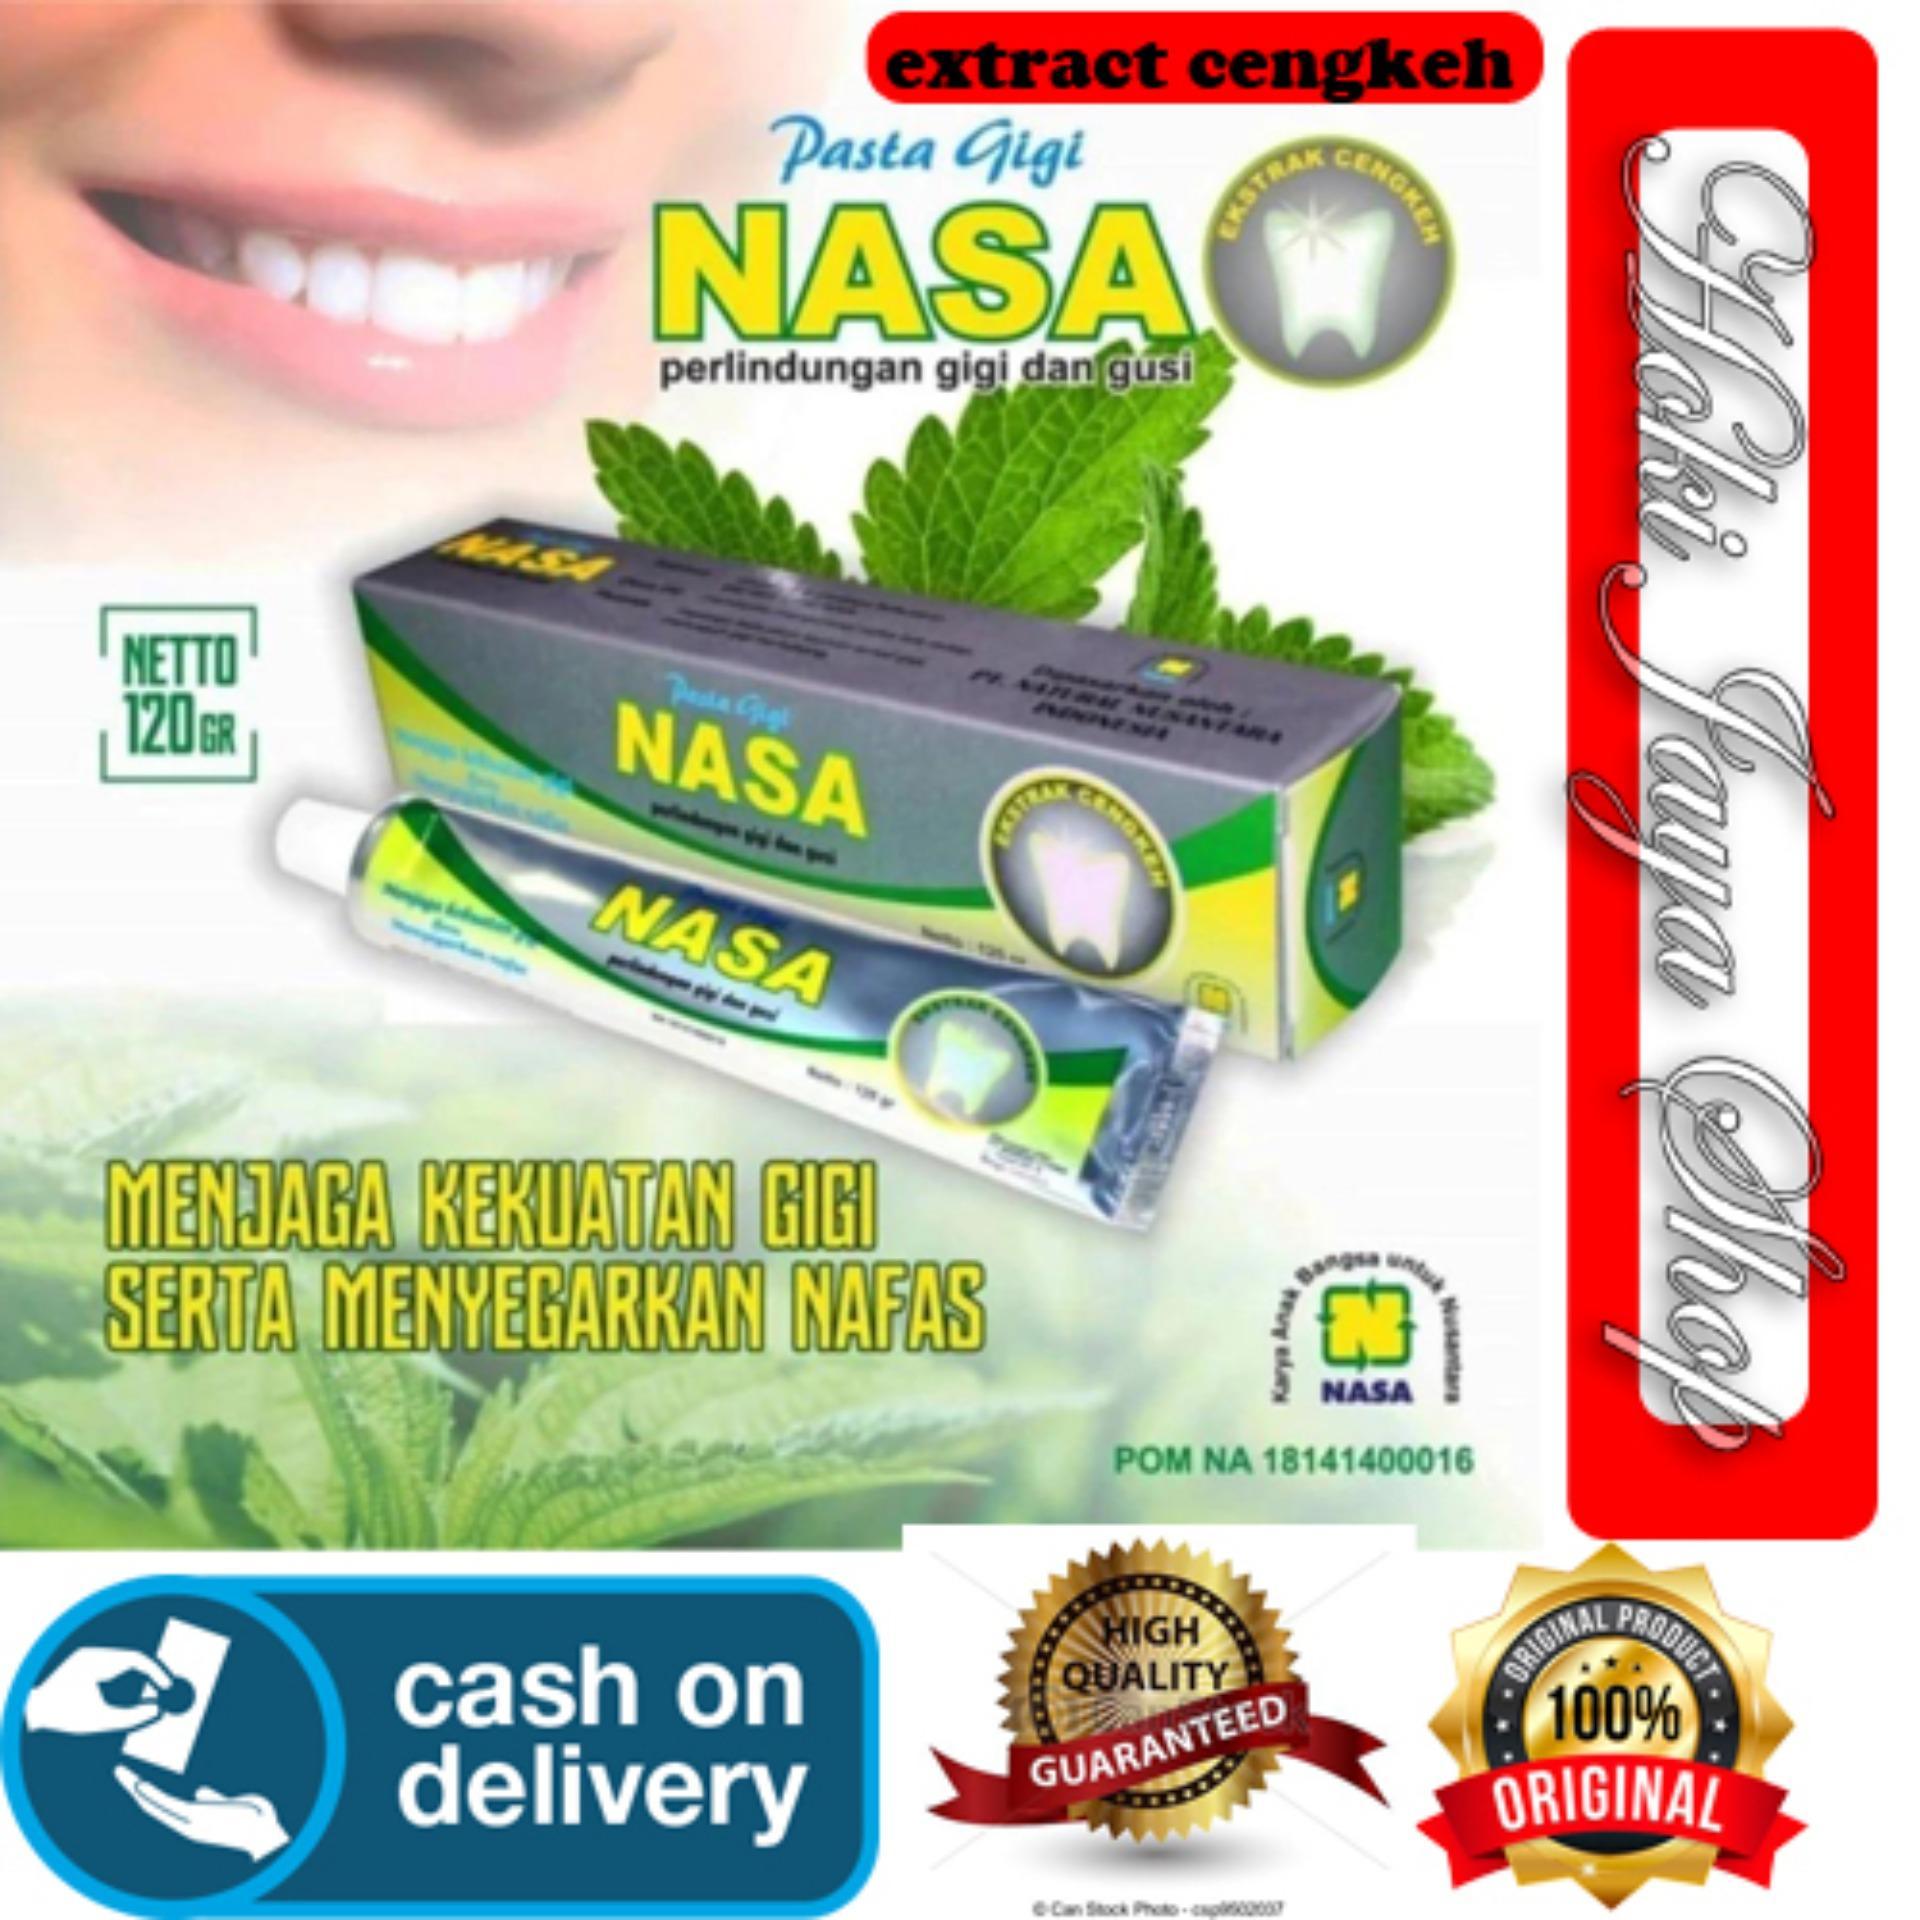 HOKI COD - Pasta Gigi NASA Odol Original 100% Sikat Gigi Herbal Dengan  Ekstrak Cengkeh 4e909c8a25